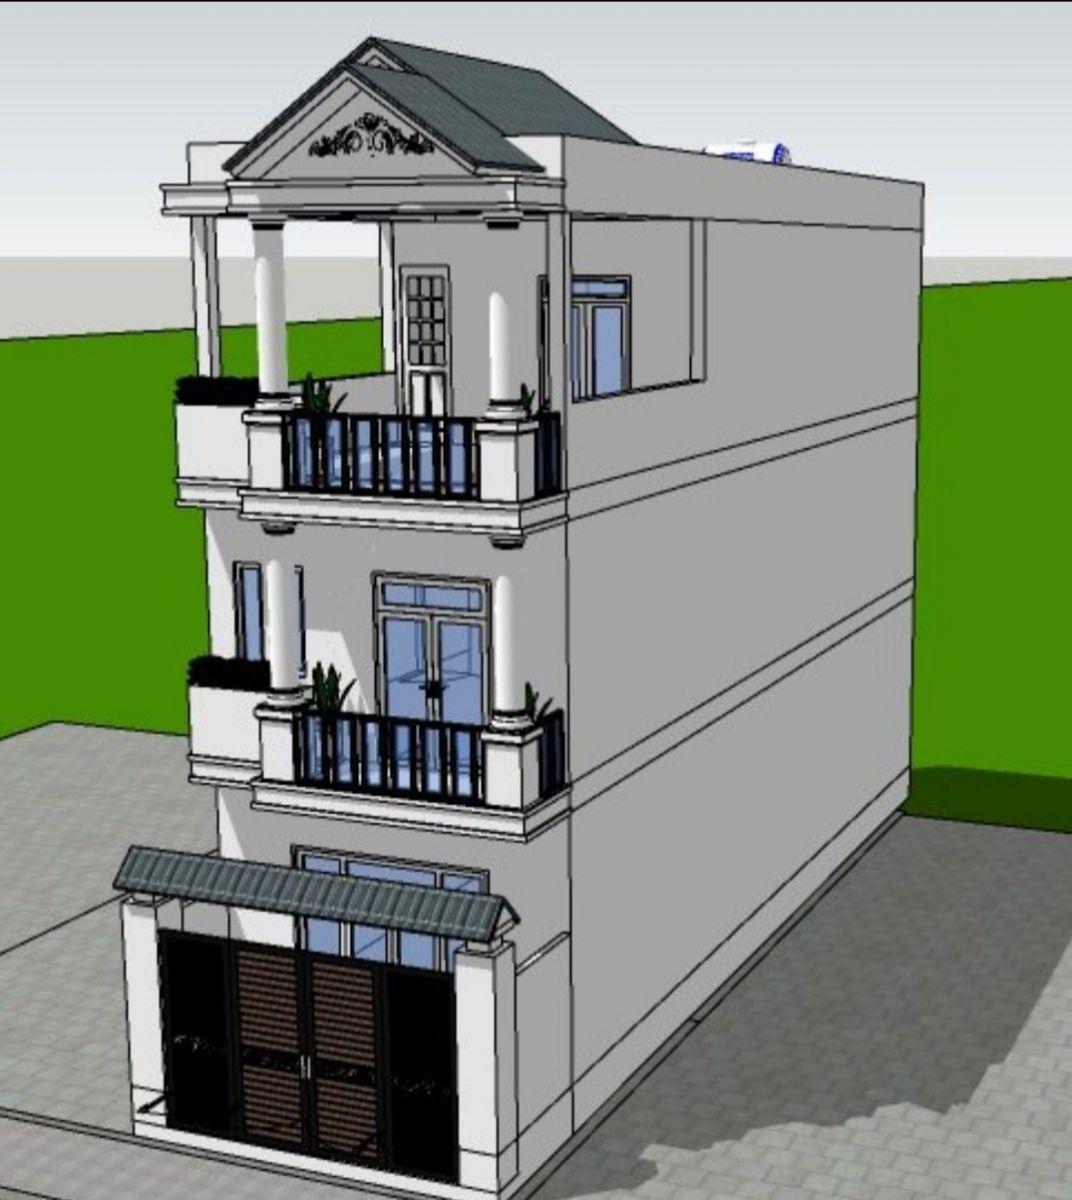 phối cảnh căn nhà đang xây A1-36 vista land